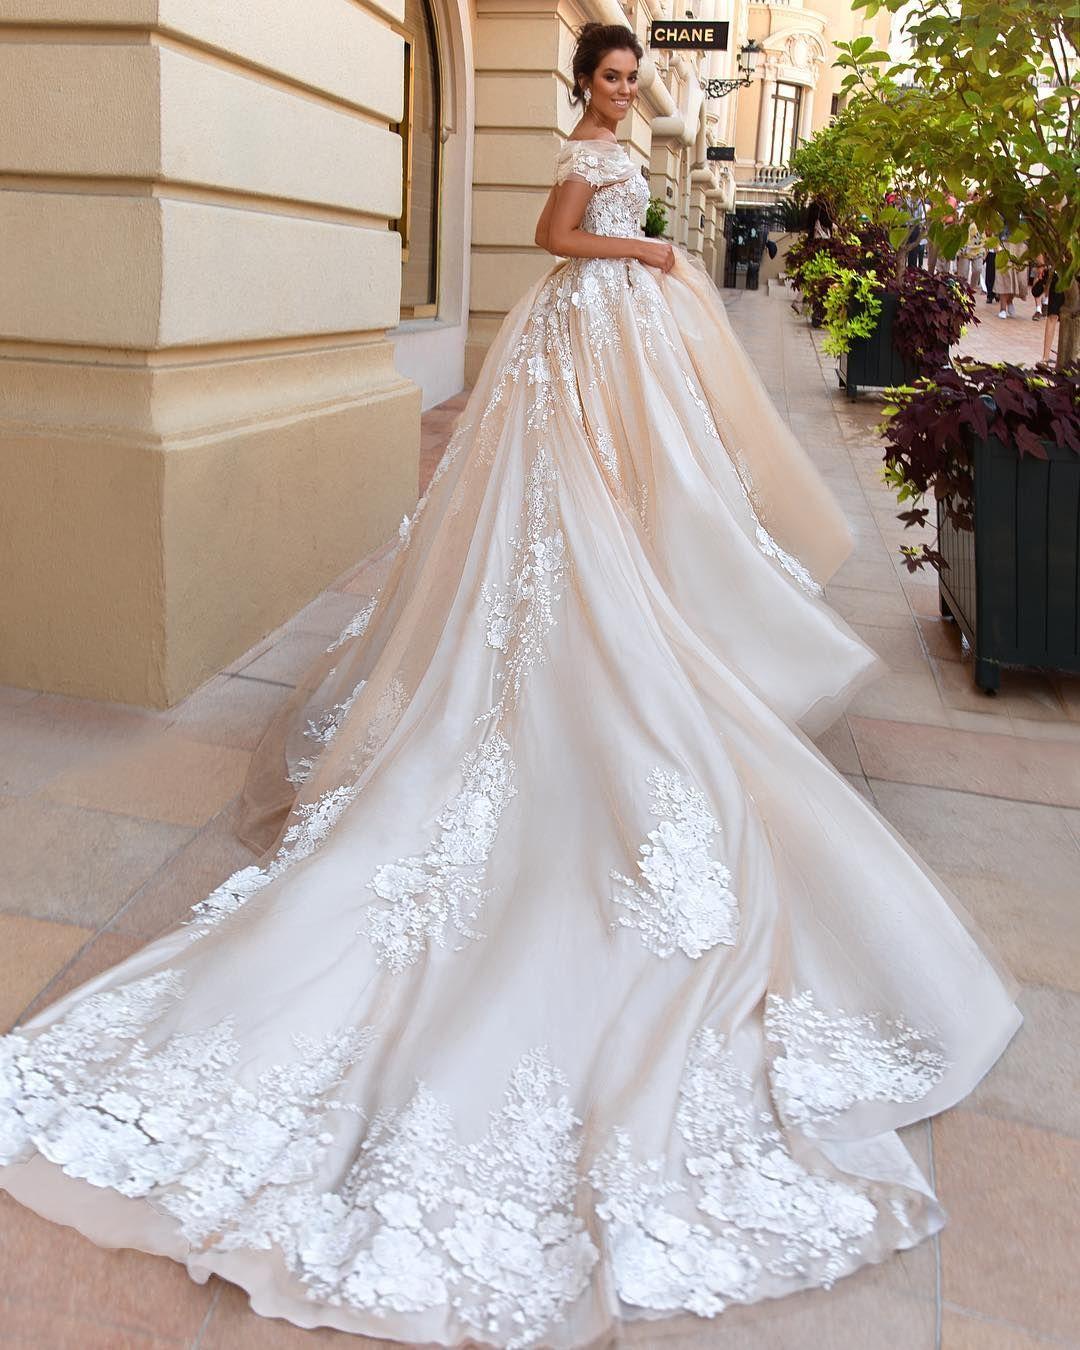 Pin von harmoni auf gelinlikler   Pinterest   Brautkleider und Kleider